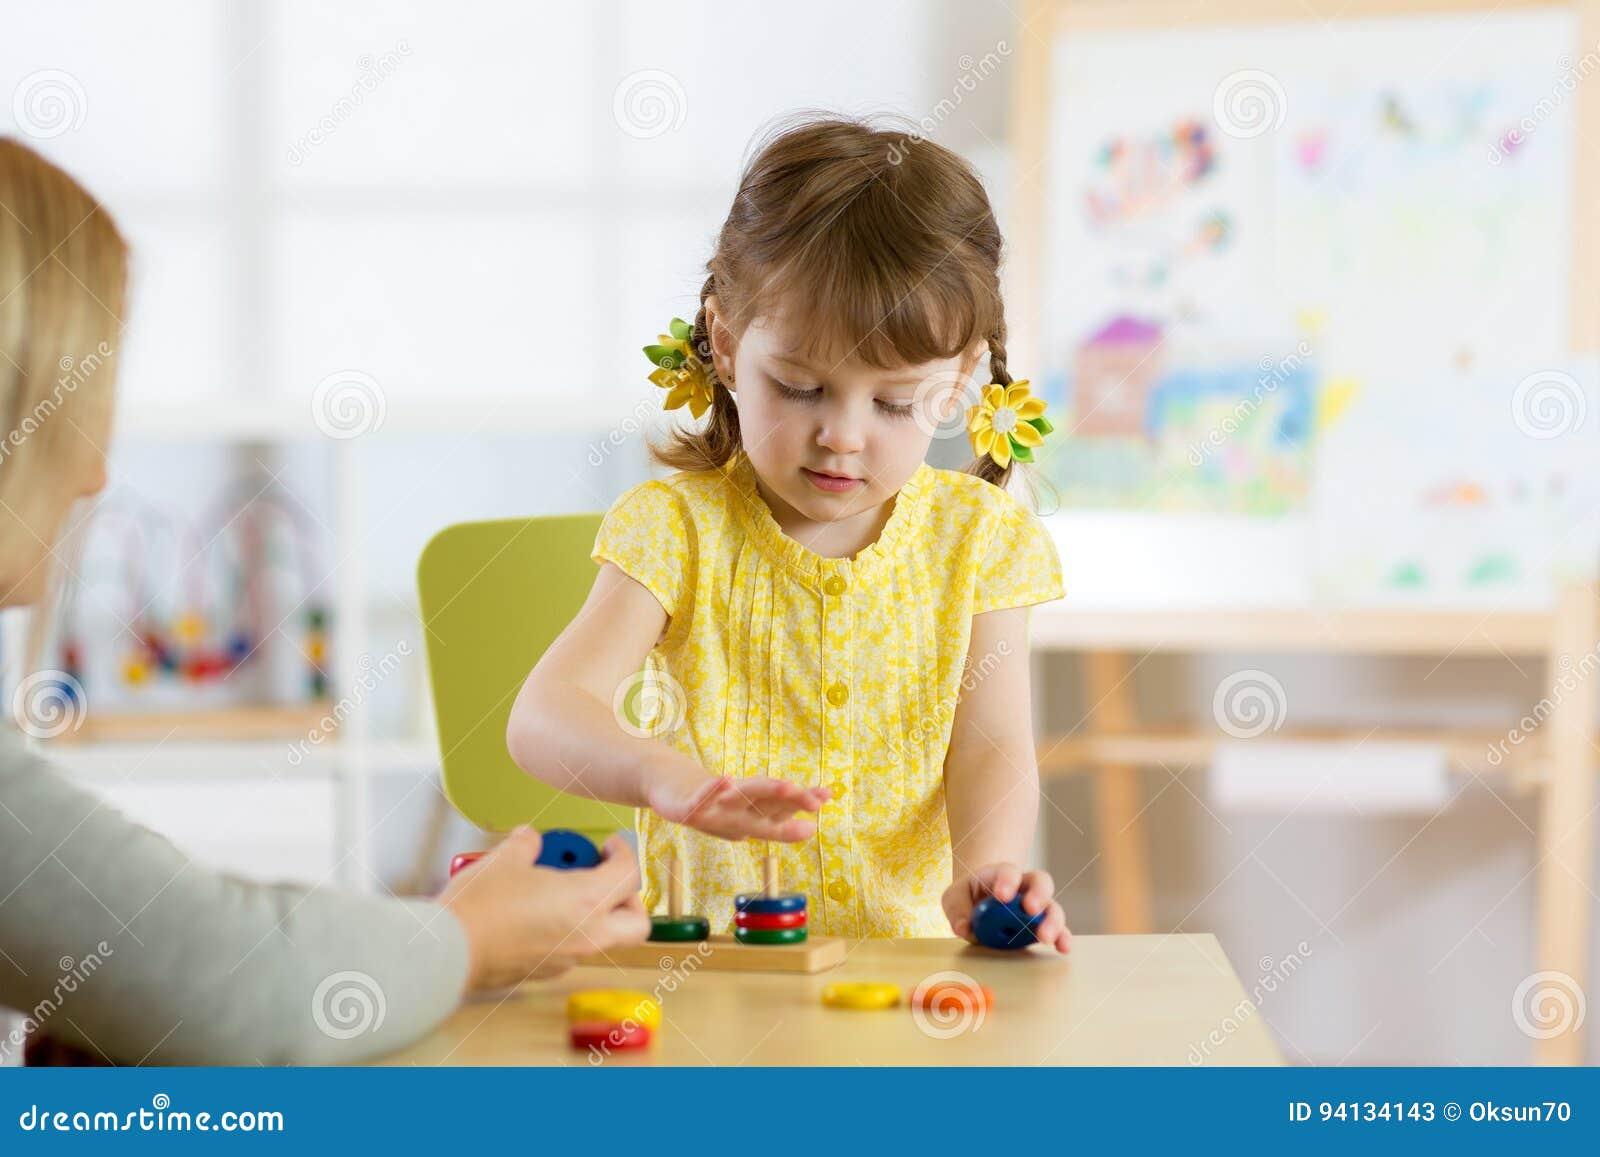 El niño está jugando con los juguetes en cuarto de niños